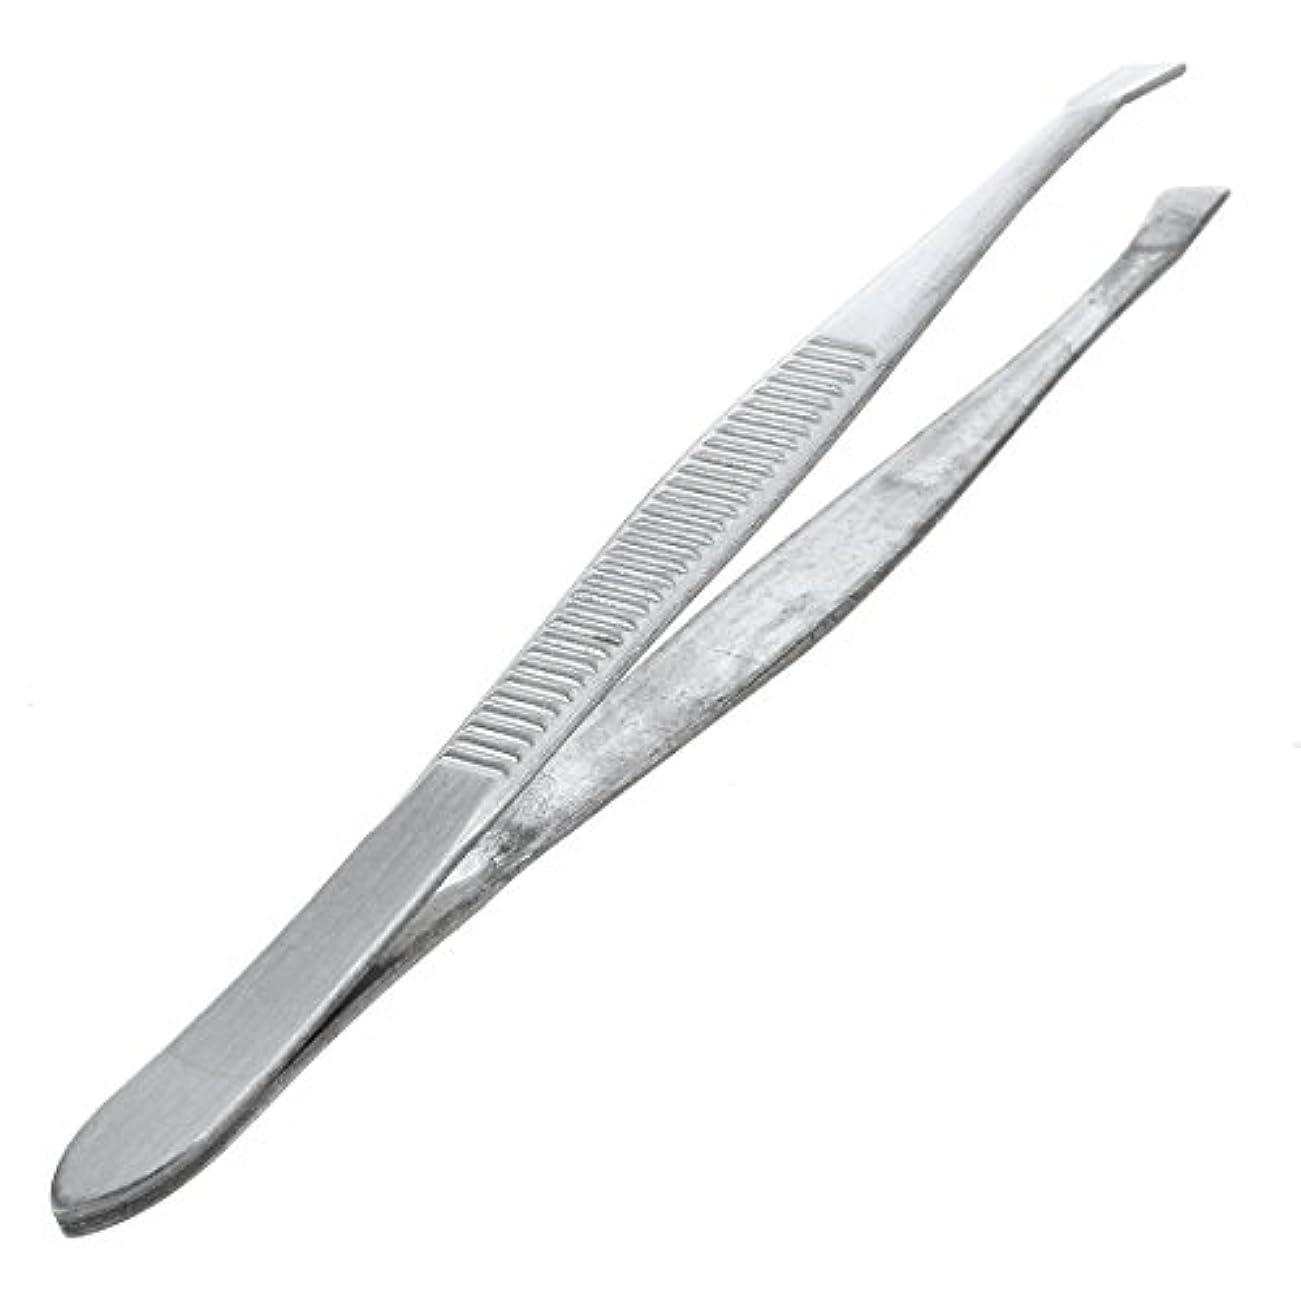 スカウト経済的松Nrpfell 眉毛ピンセット 脱毛チップ 炭素鋼 傾斜 9cm シルバーカラー